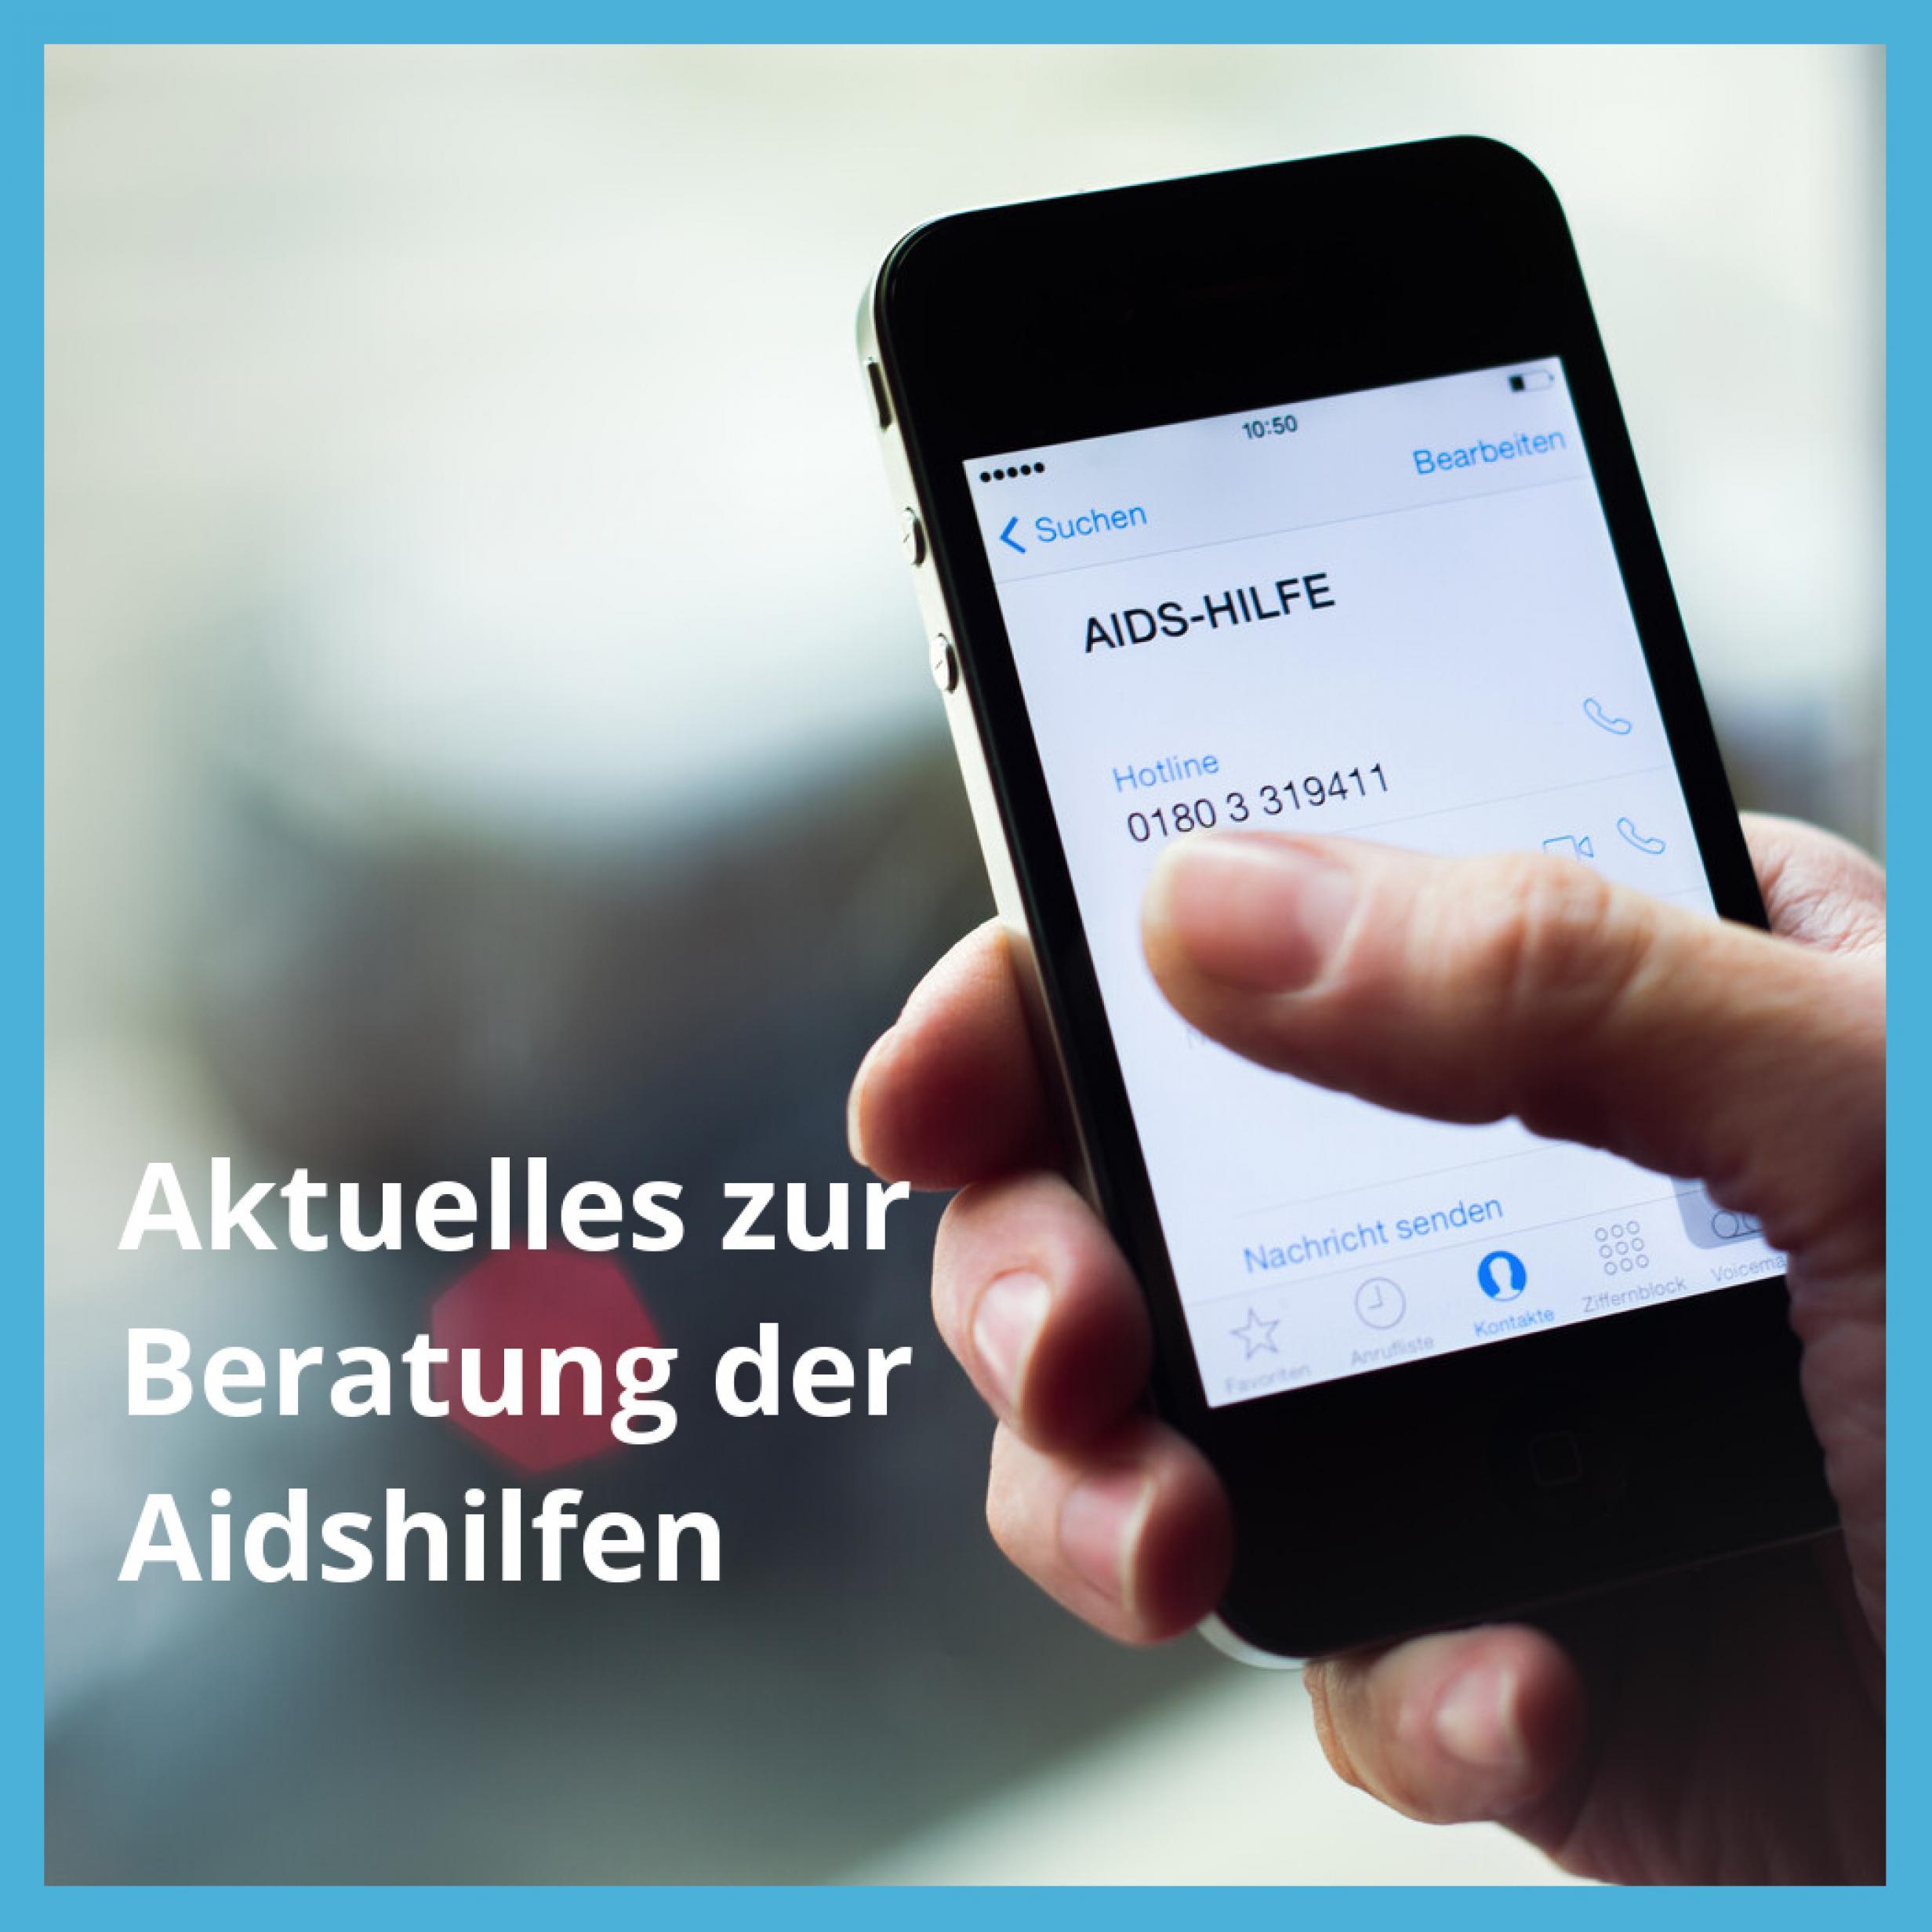 """Eine Hand hält ein Smartphone, auf dem die Telefonnummer der Aidshilfe erscheint, über dem Foto steht der Text """"Aktuelles zur Beratung der Aidshilfen"""""""